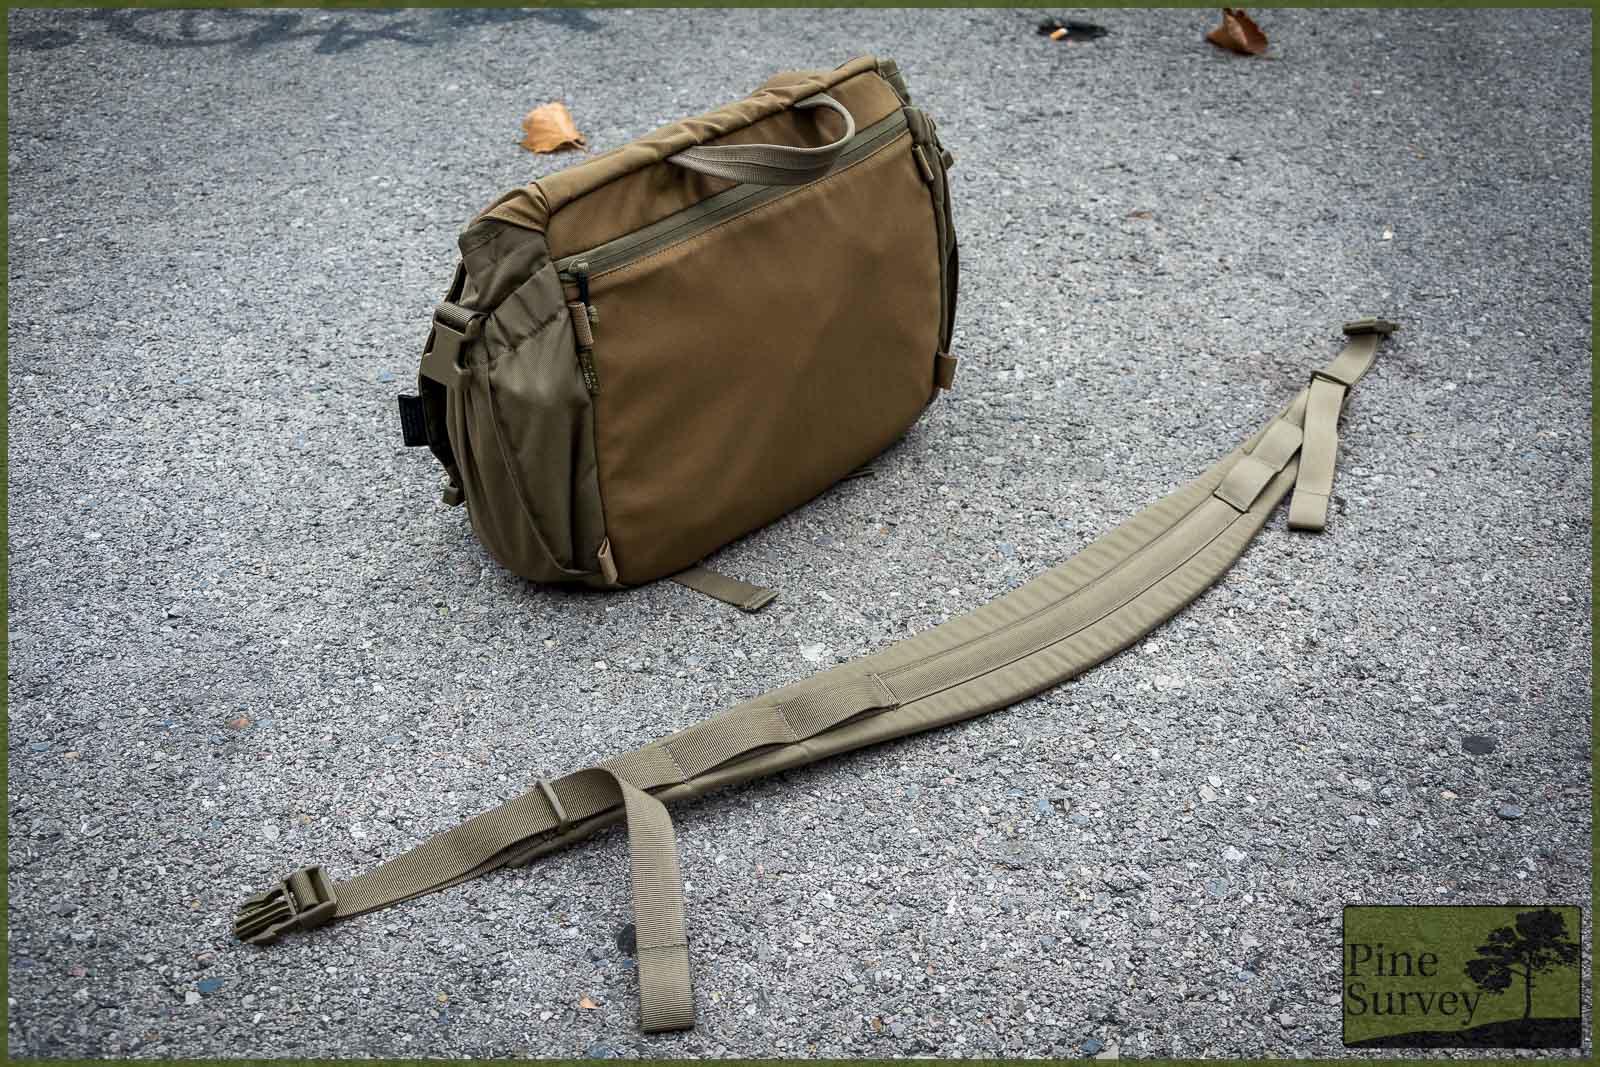 13d3d6ad87f0 Review  Helikon-Tex Urban Courier Bag M - Pine Survey